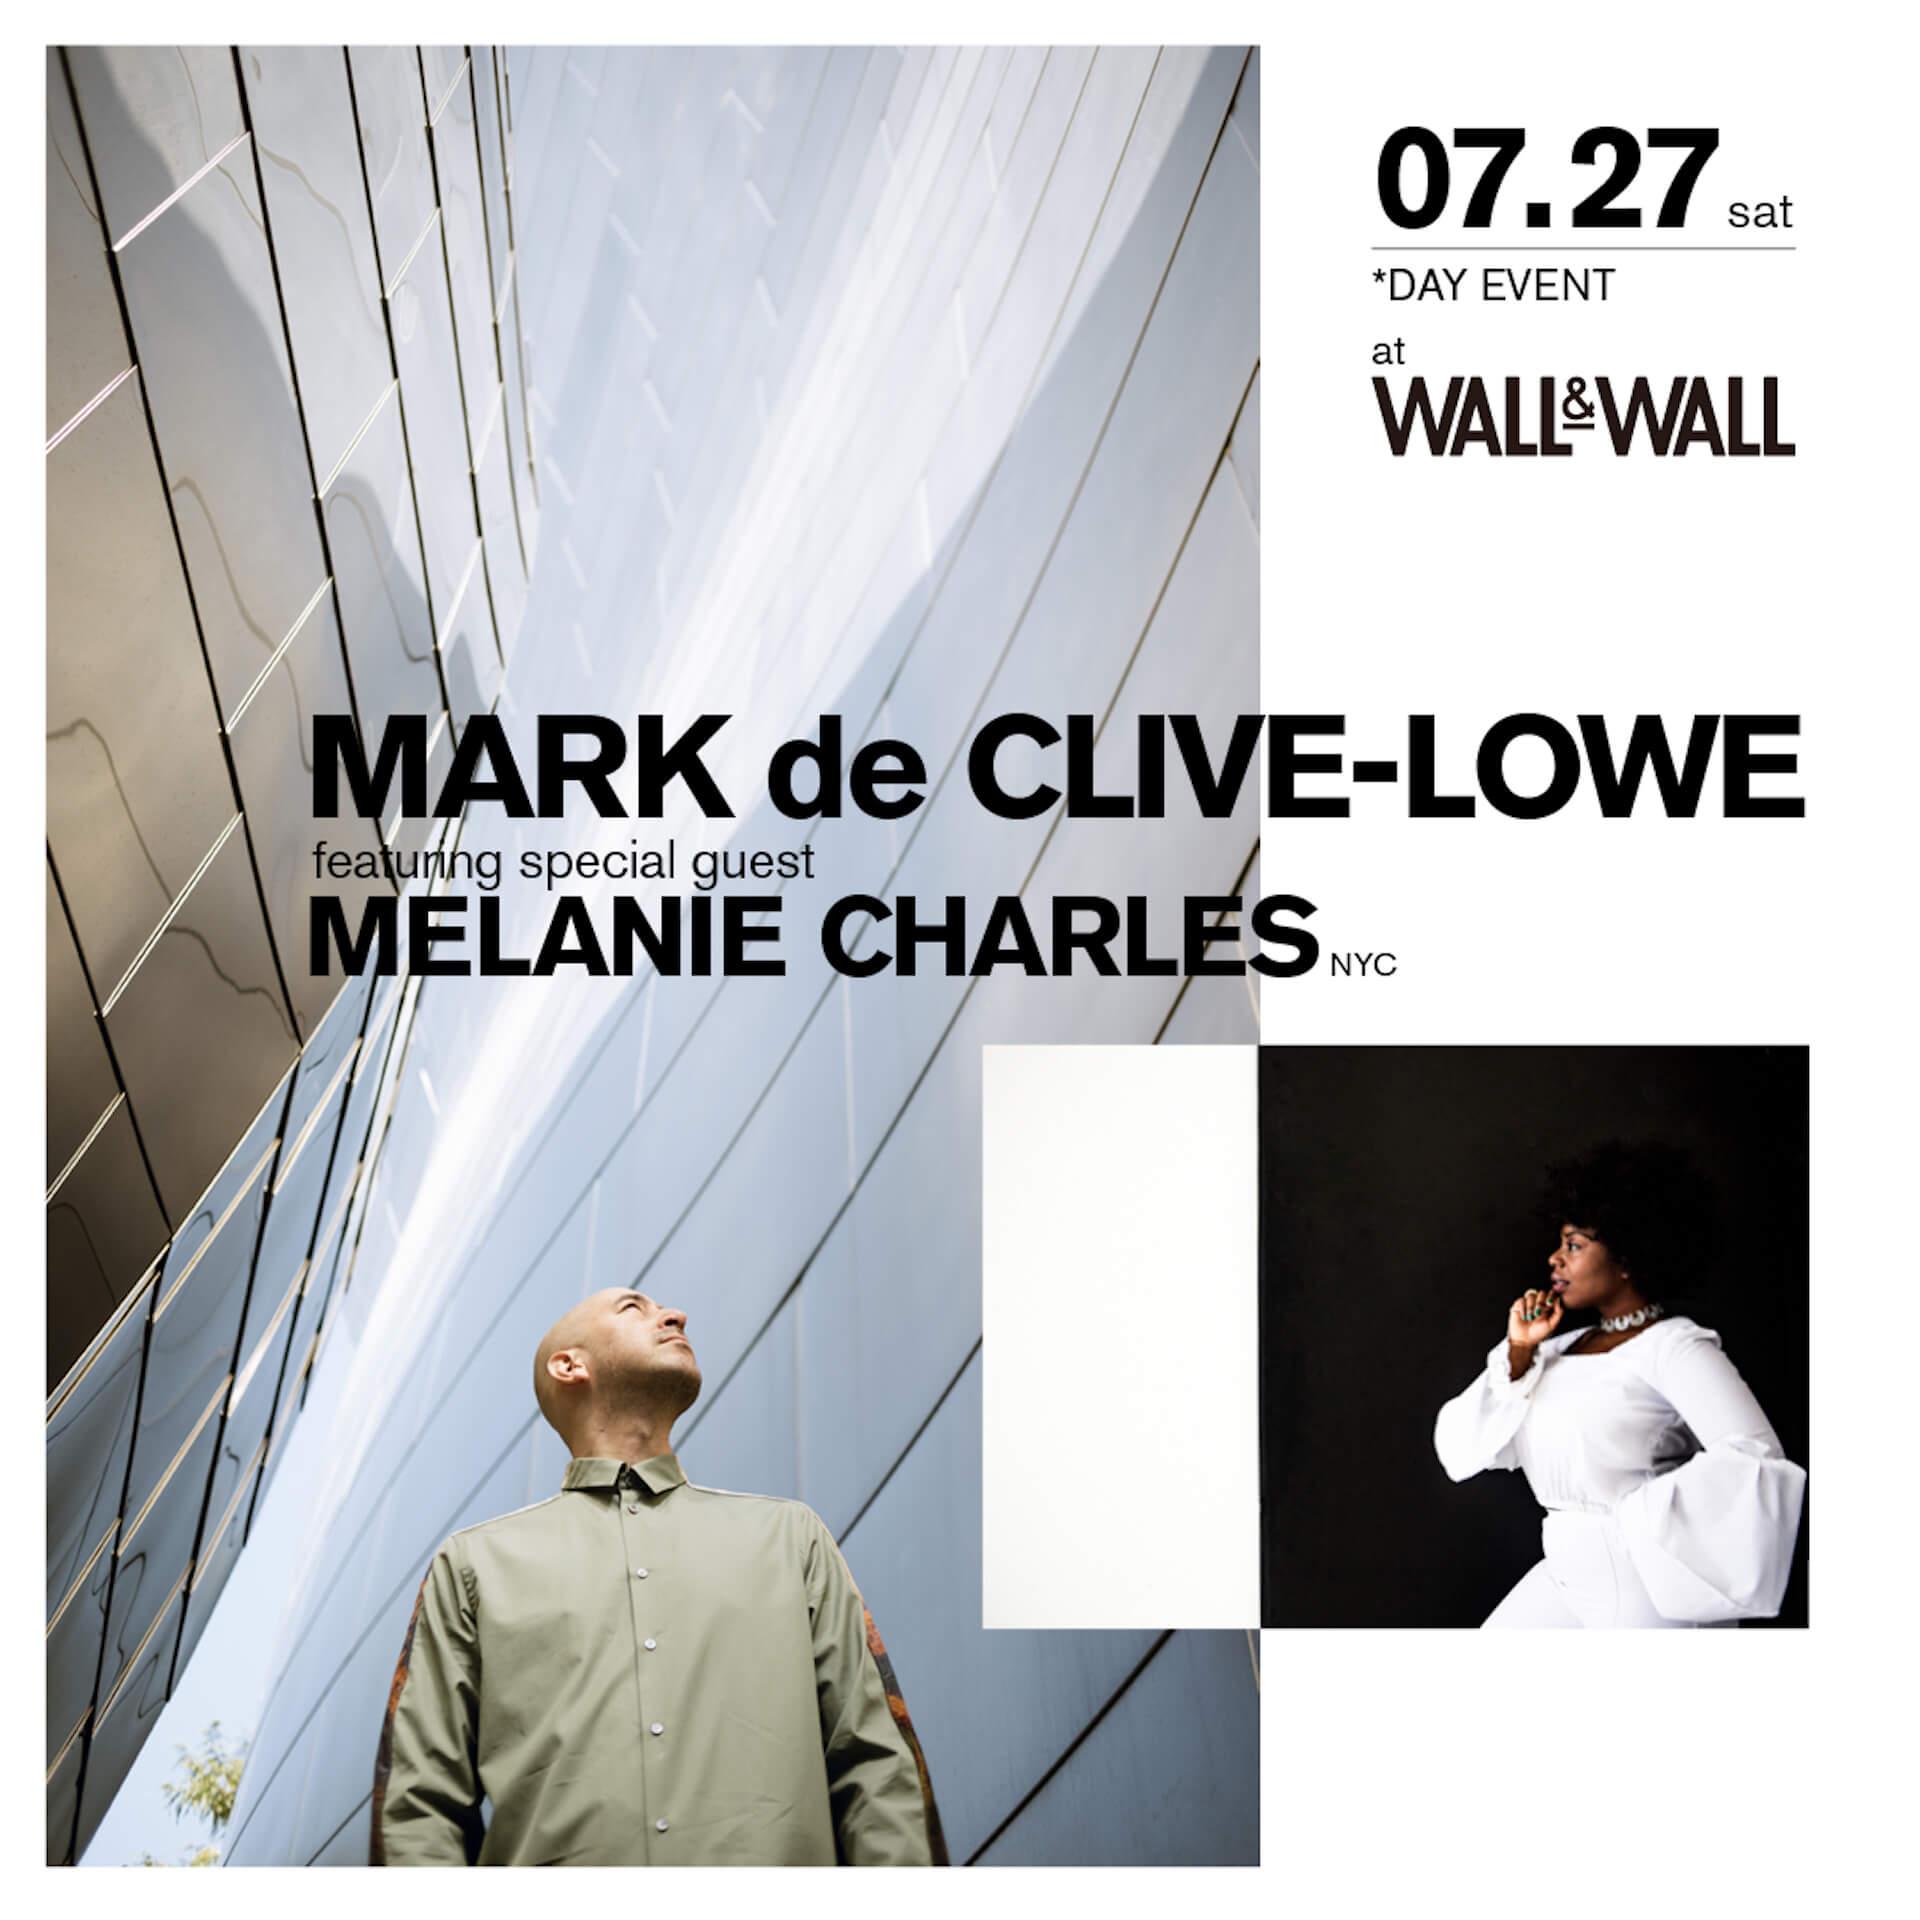 Kamasi Washingtonらとのコラボで著名なMark de Clive-Loweと、SZAらとのコラボもこなすMelanie CharlesのスペシャルライブがWALL&WALLにて開催 music190705-mark-de-clive-lowe-melanie-charles-4